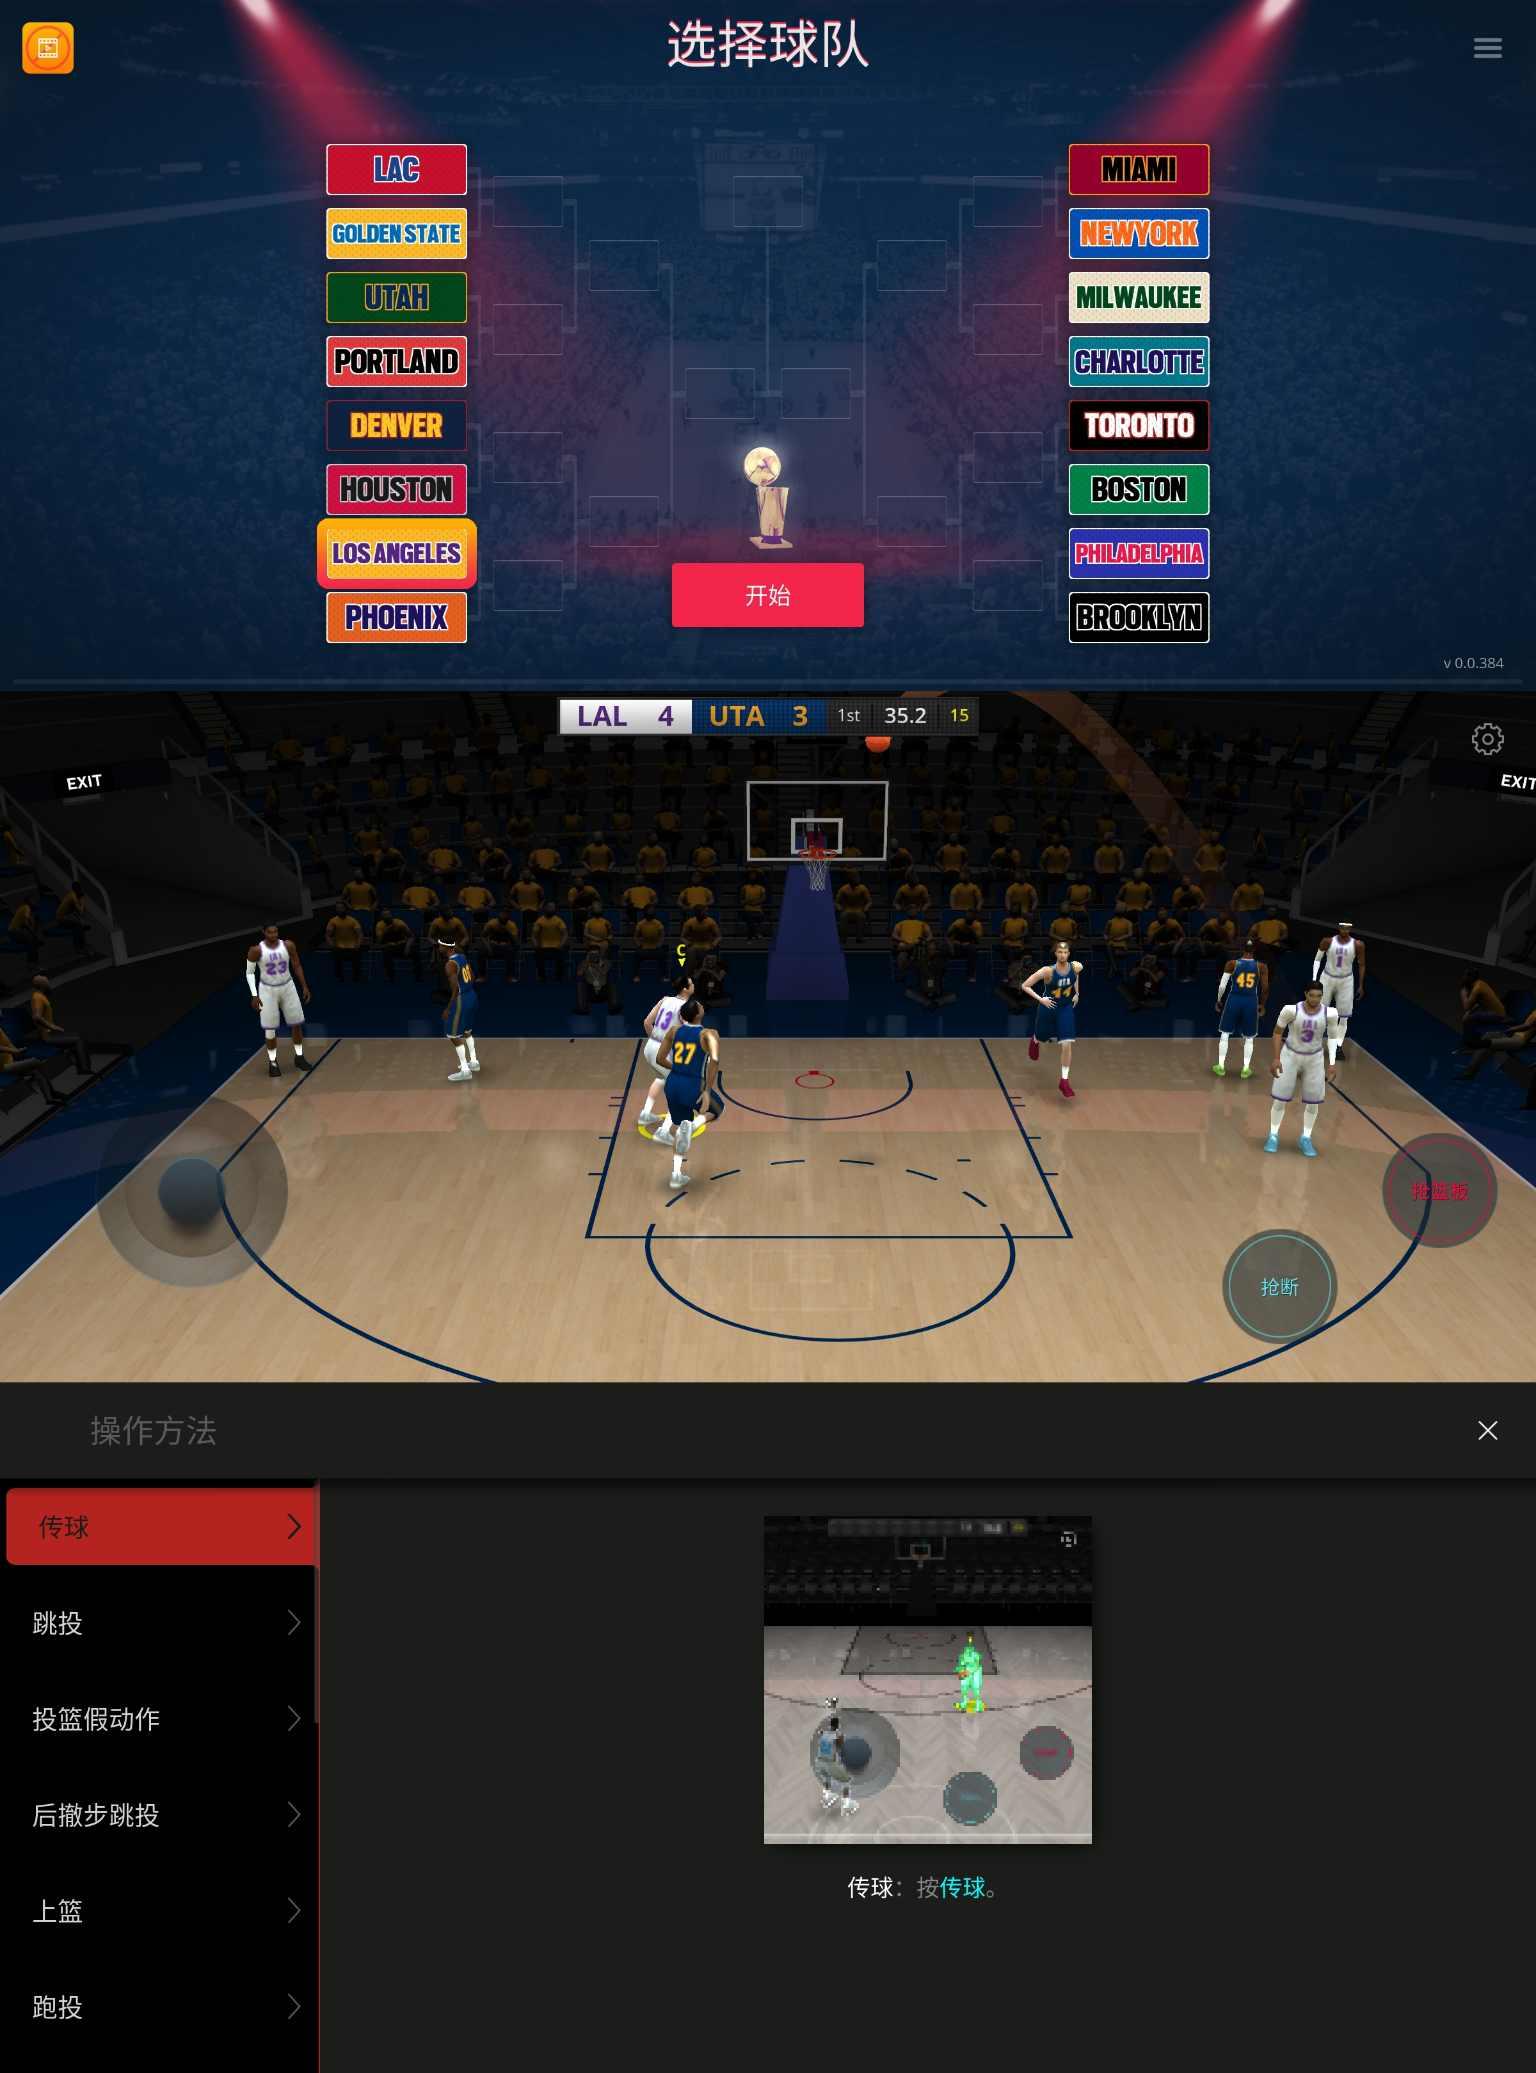 模拟篮球赛截图1